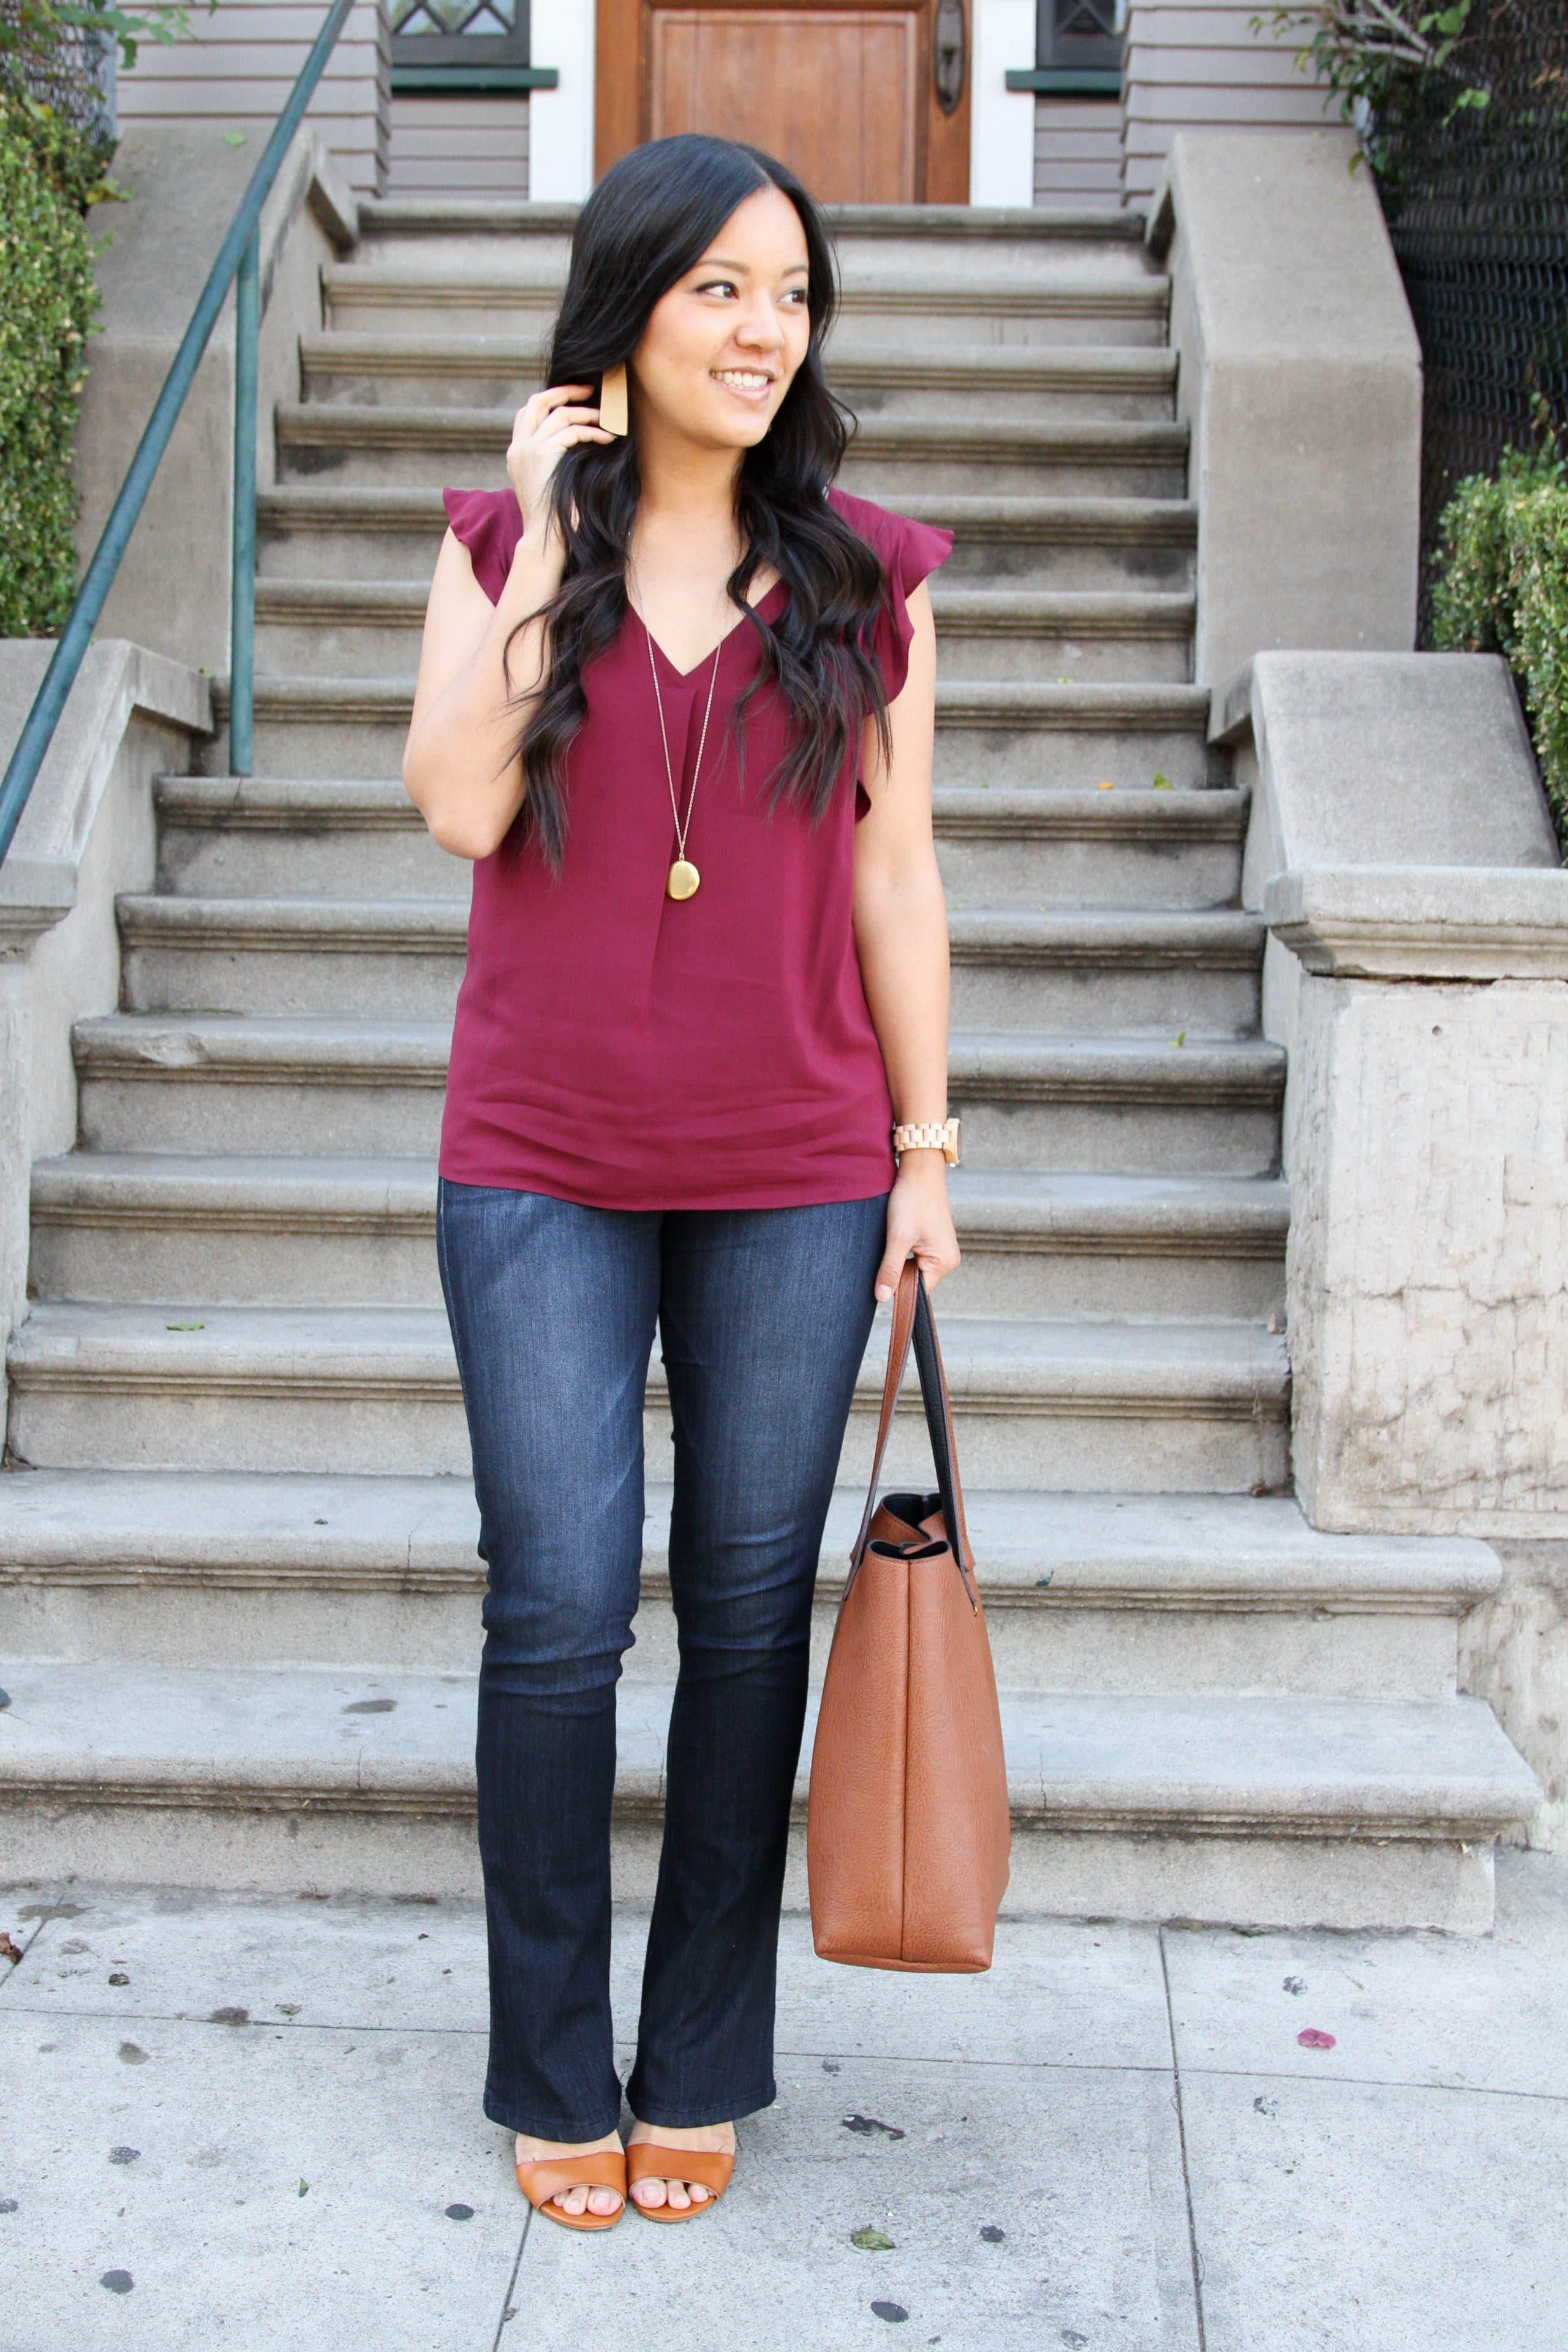 maroon top + bootcut jeans + wedges + cognac tote